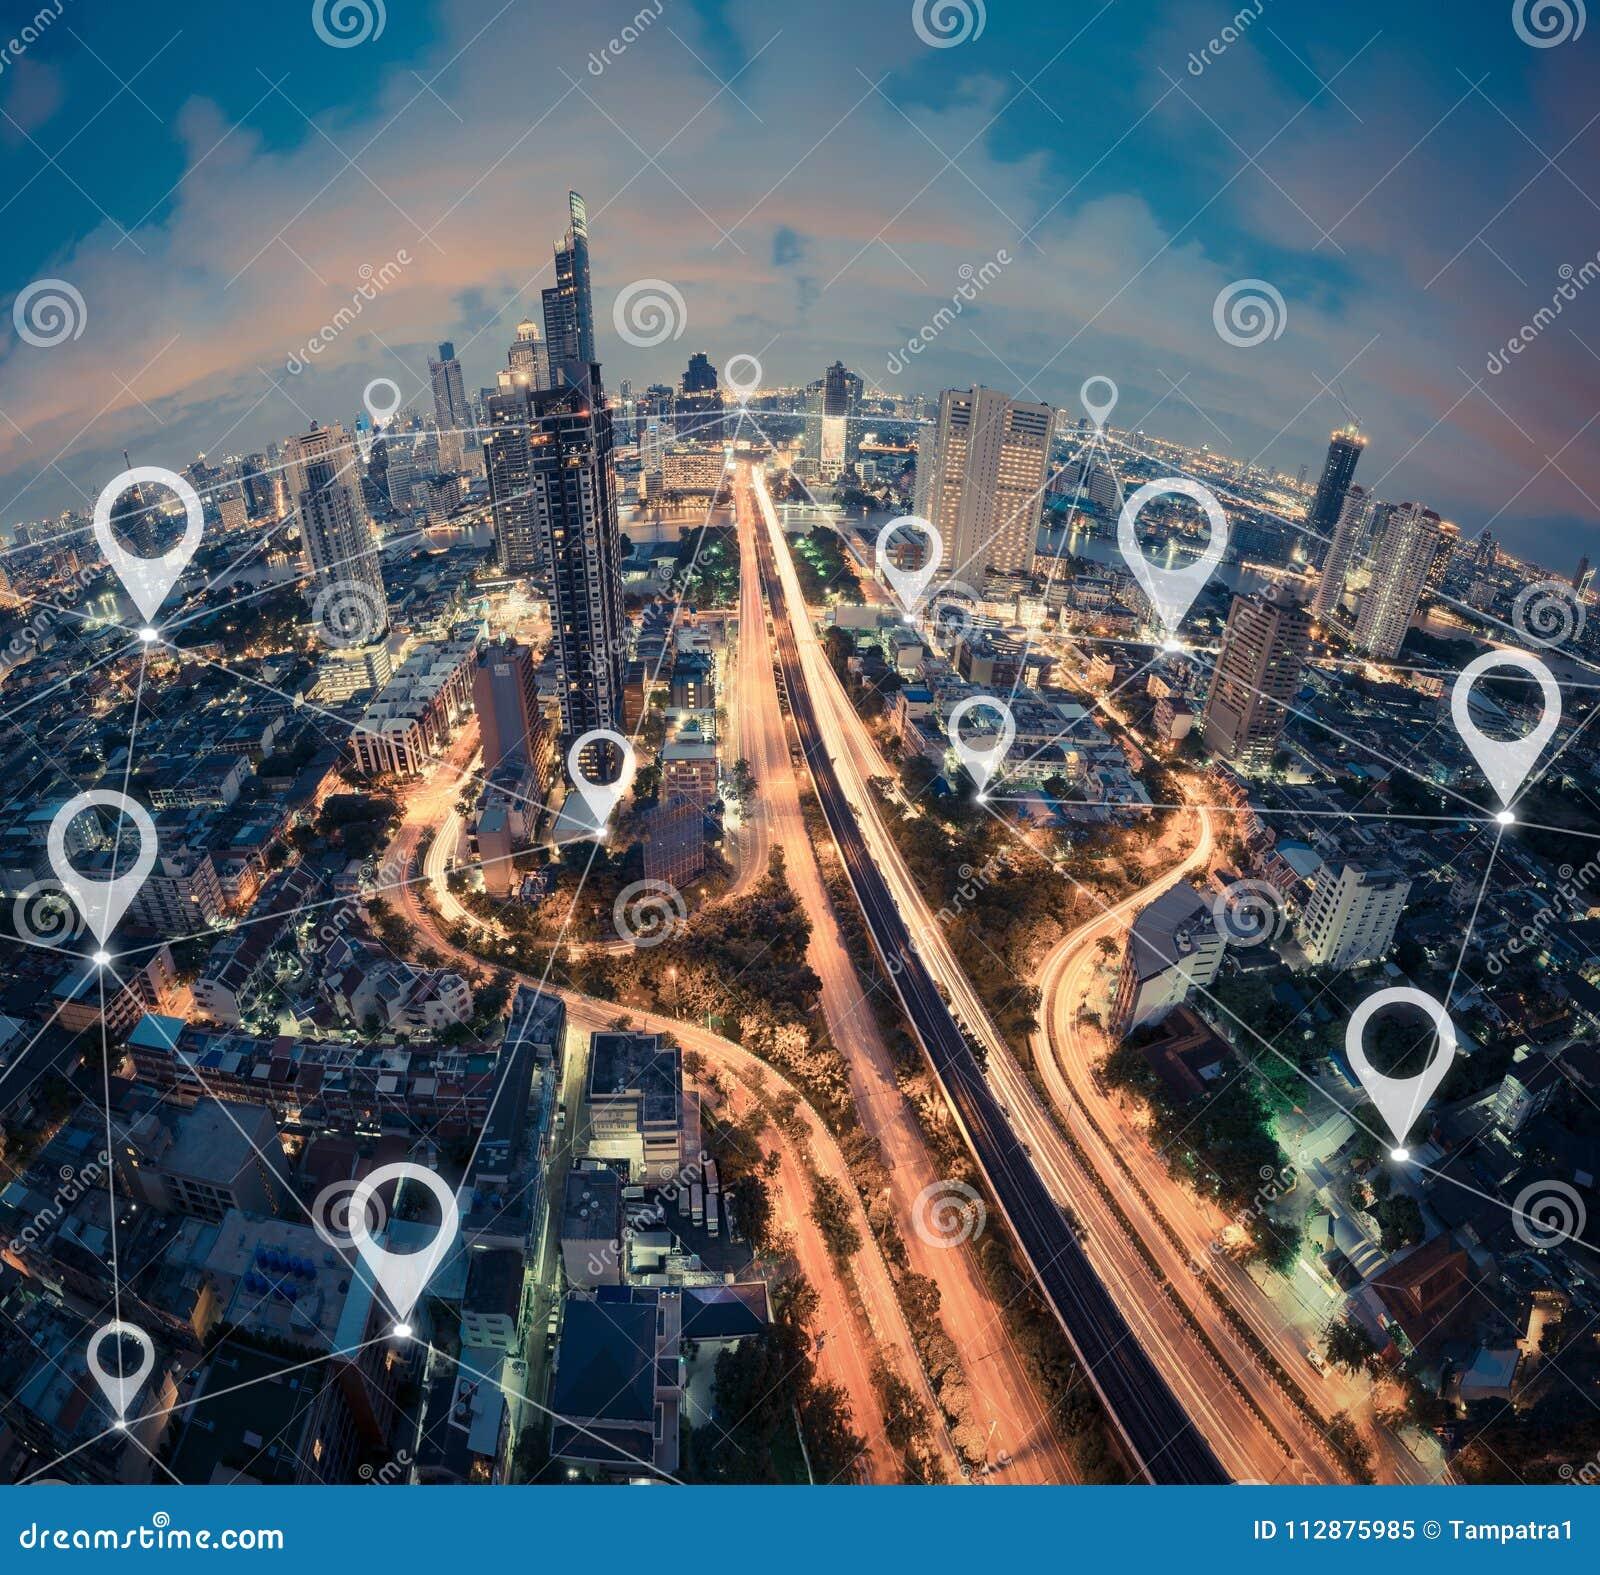 Trace el plano del perno de la ciudad, del negocio global y de la conexión de red